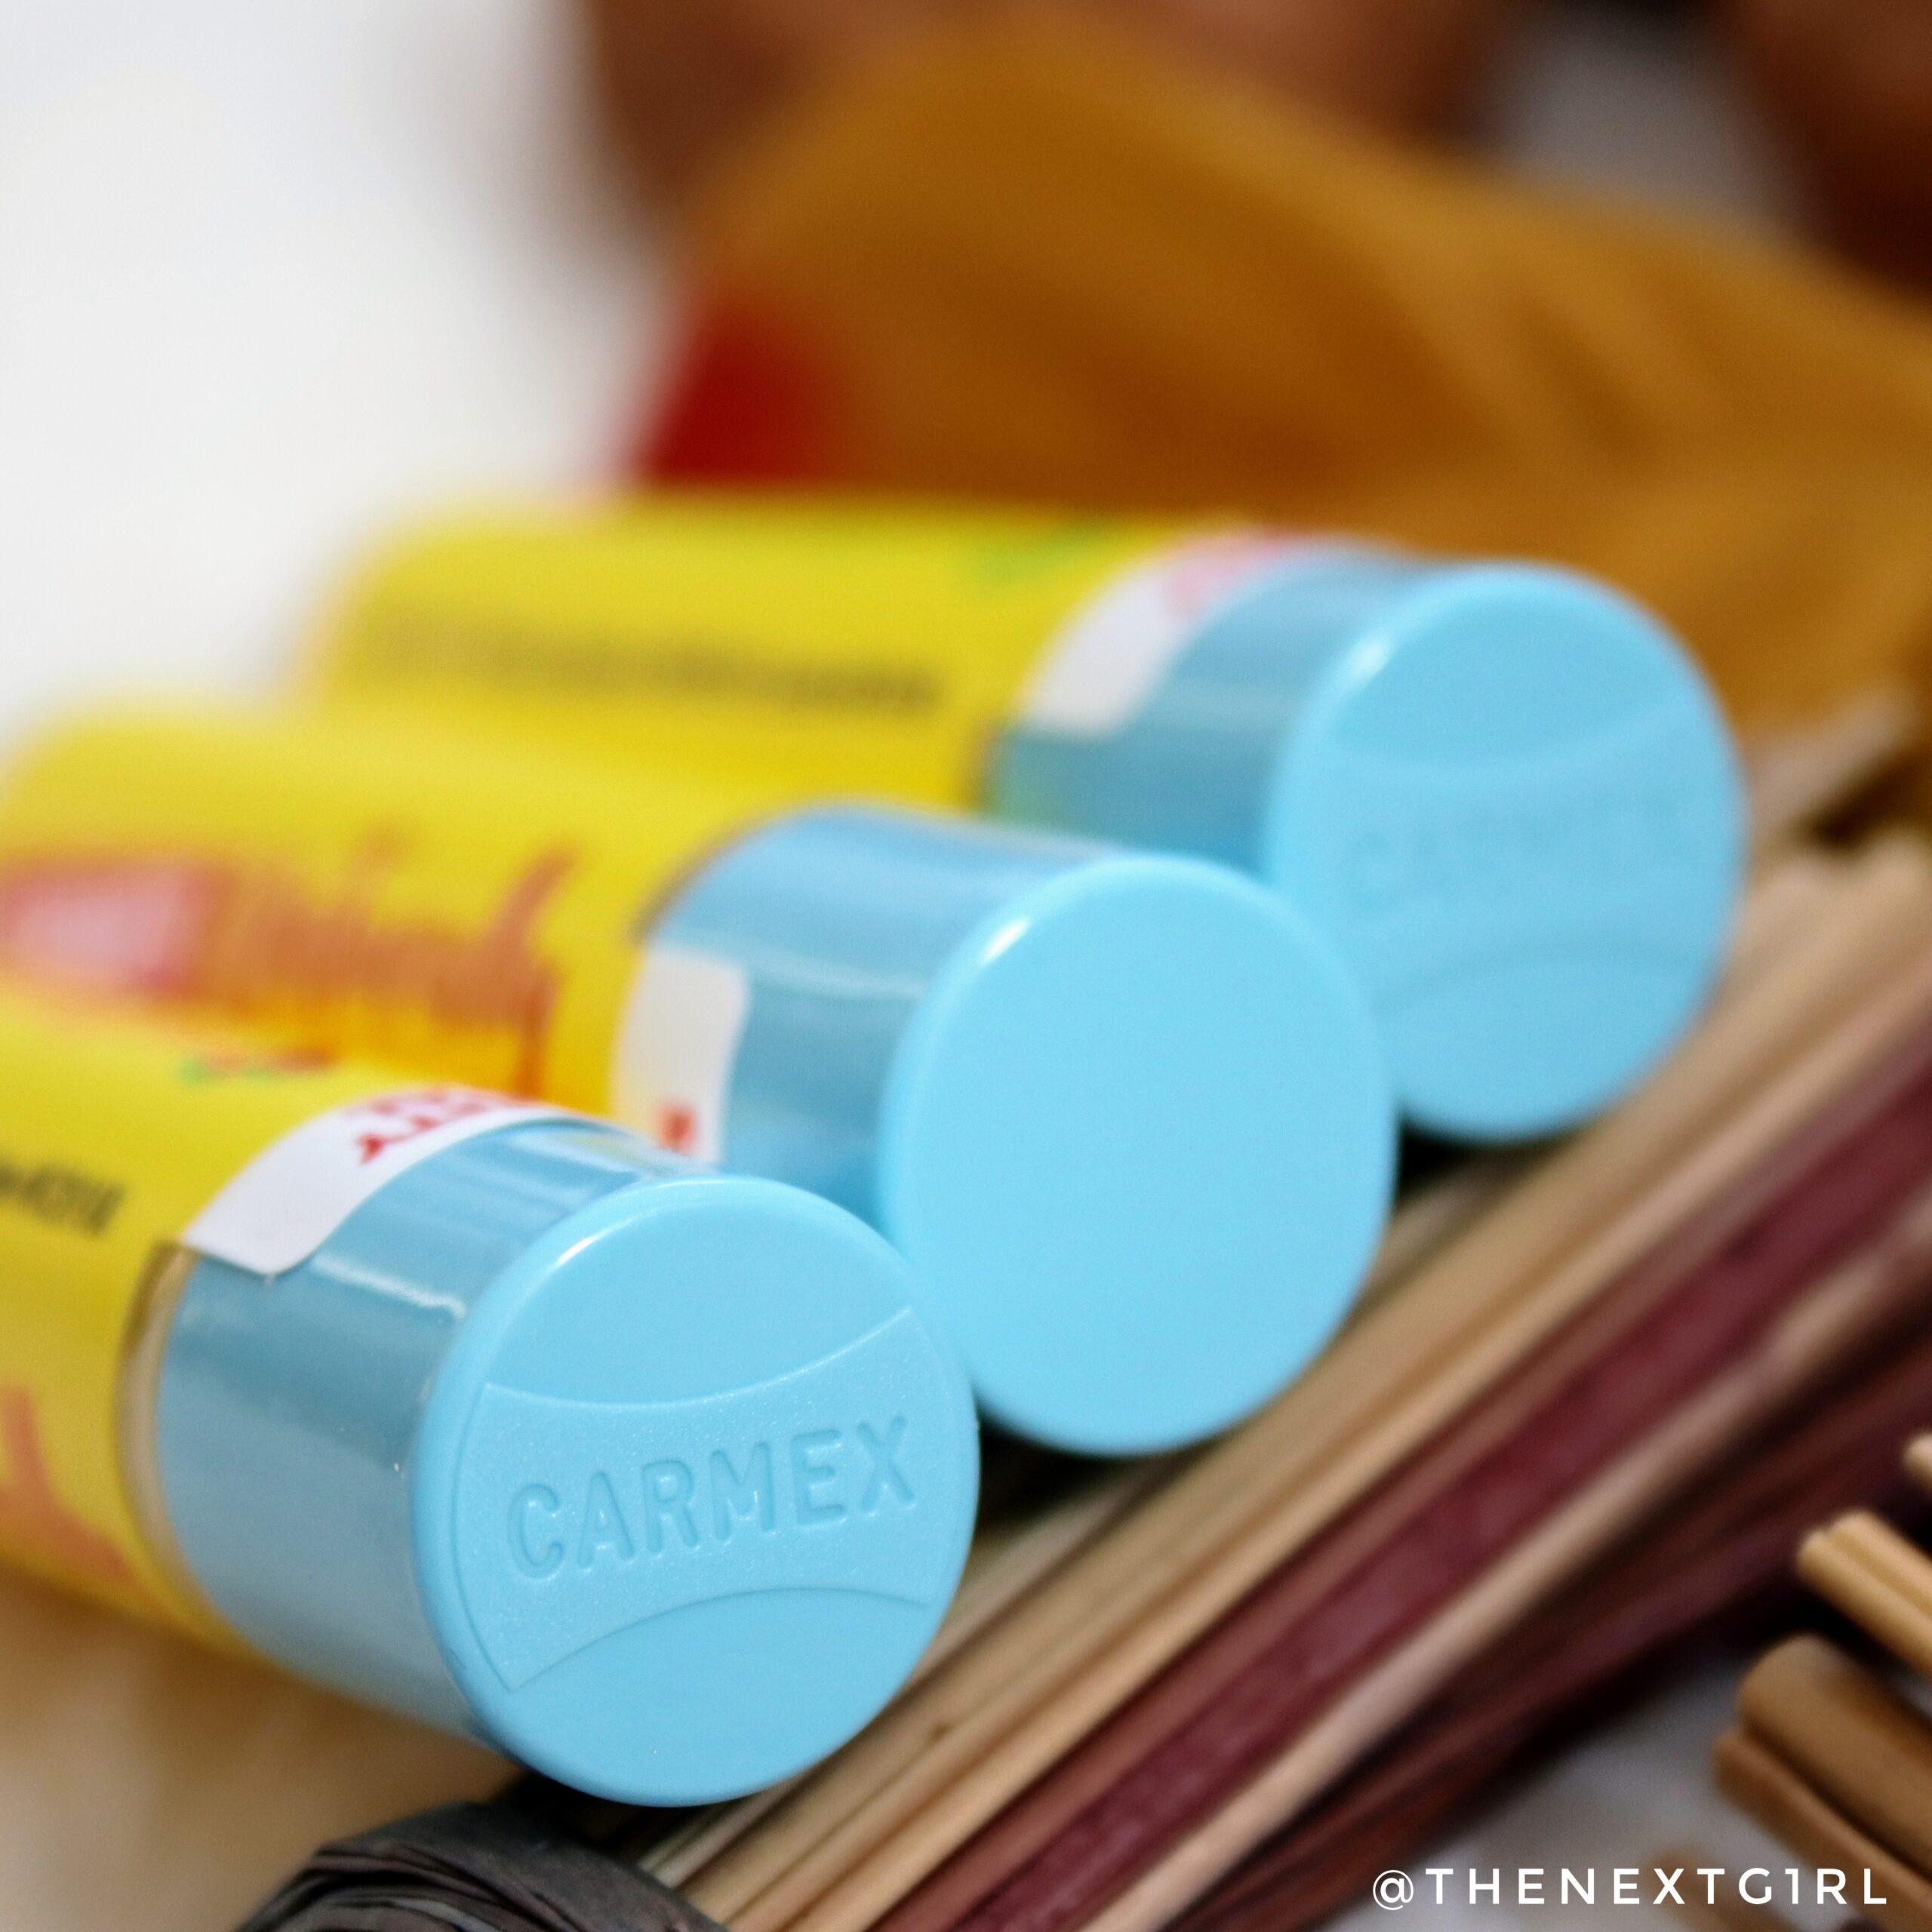 Lippenbalsems van Carmex